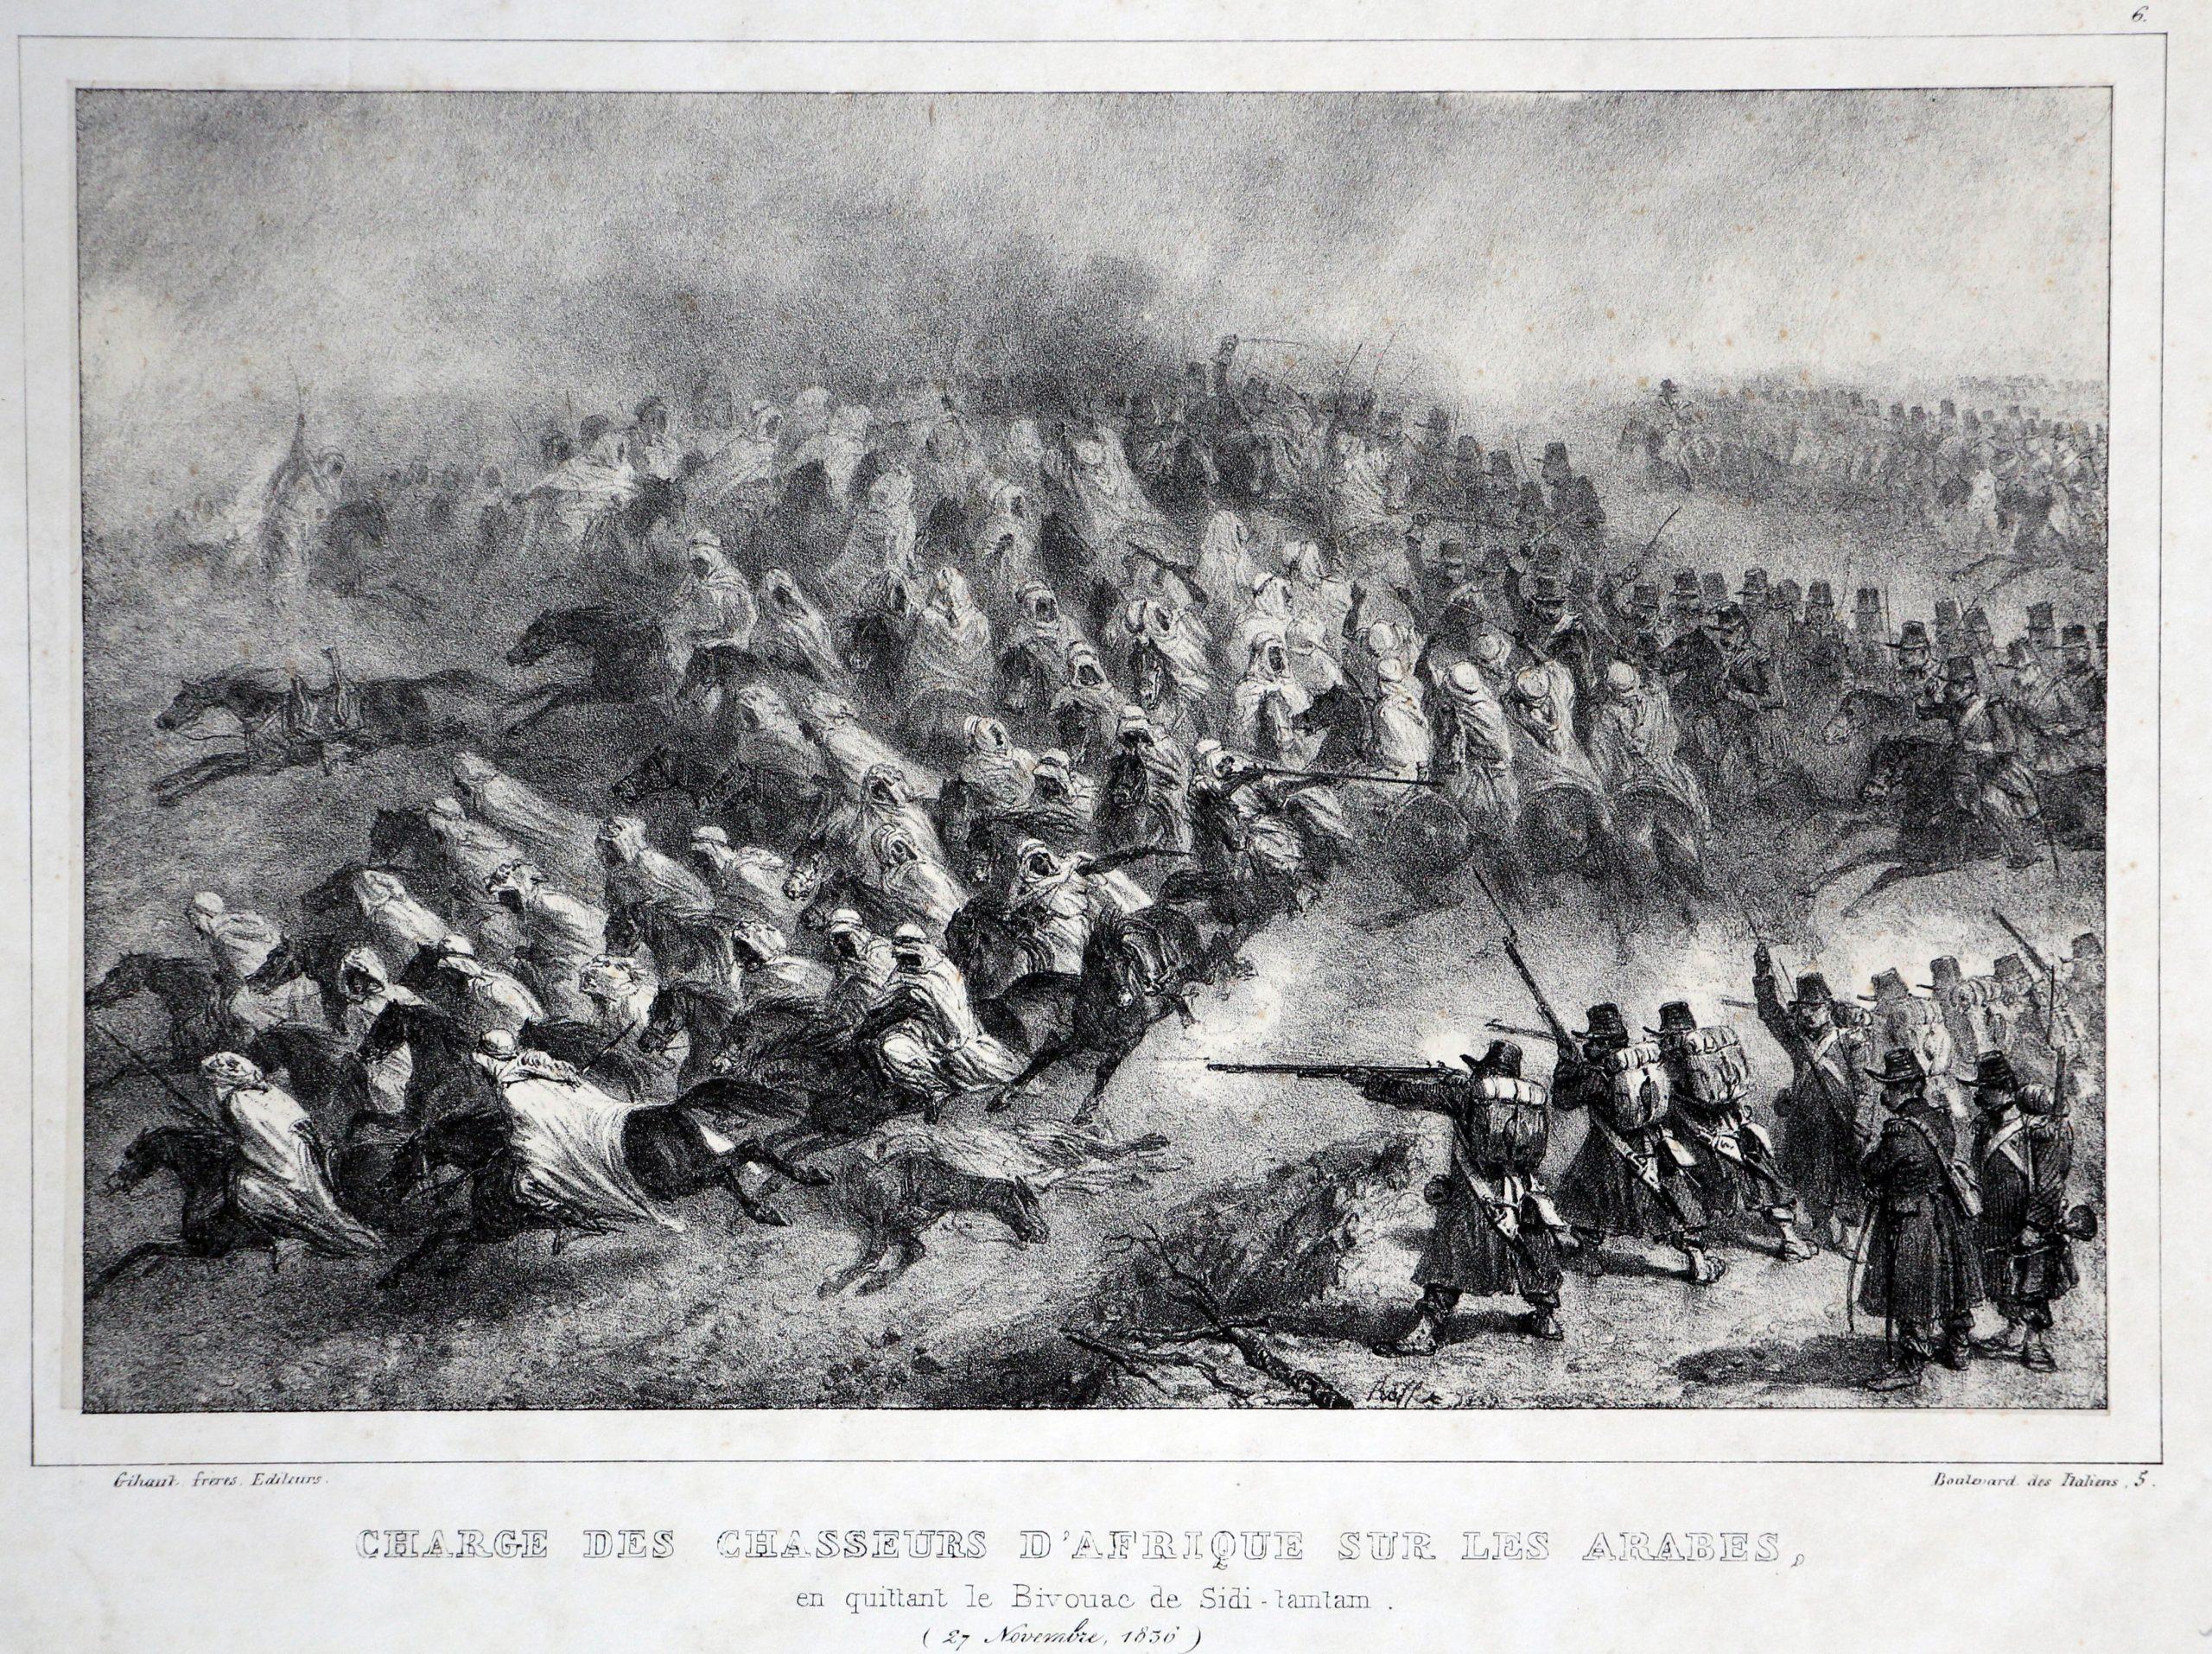 Gravure XIX - Raffet - Monarchie Juillet - Uniforme - Conquête Algérie - Charge des chasseurs d'Afrique sur les Arabes - 1836